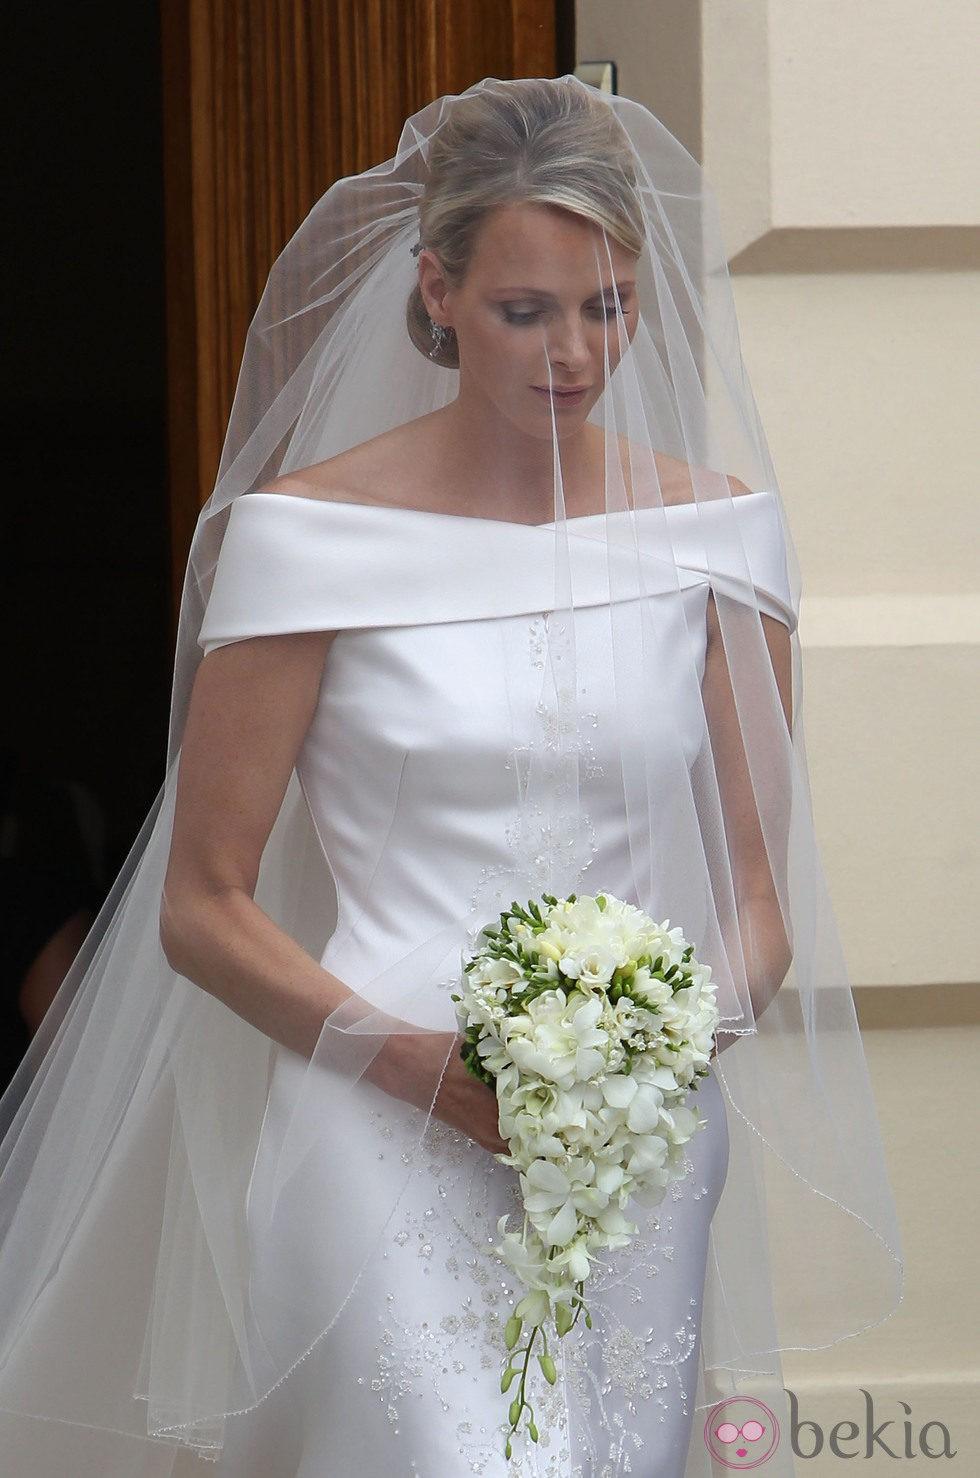 El traje de novia de Charlene Wittstock, diseñado por Armani